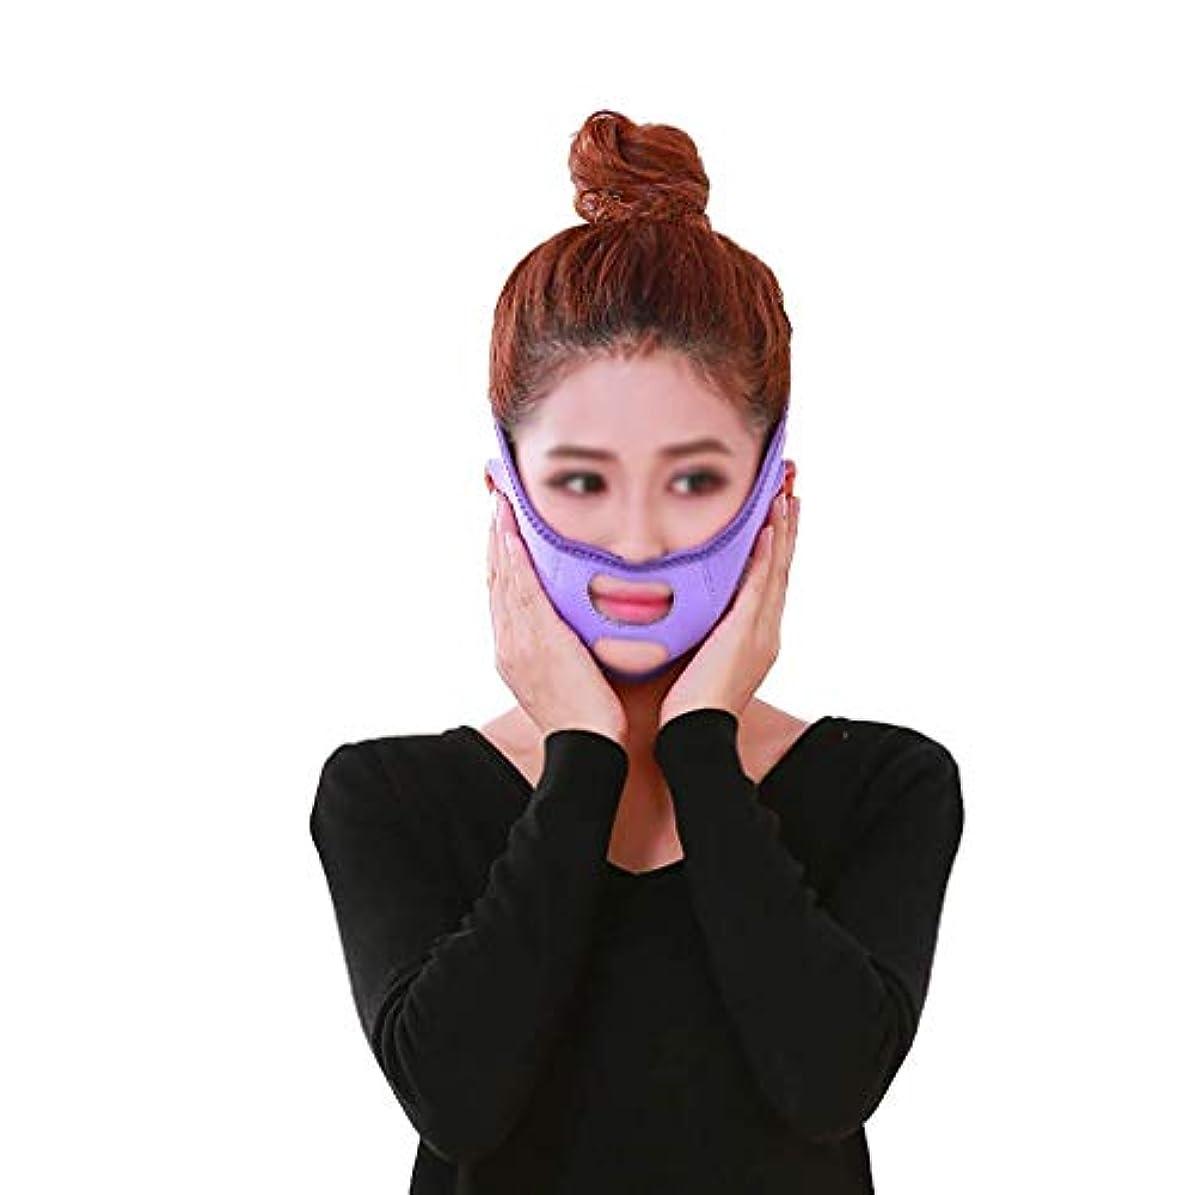 アーサーアフリカ正午フェイスリフトフェイシャル、肌のリラクゼーションを防ぐタイトなVフェイスマスクVフェイスアーティファクトフェイスリフトバンデージフェイスケア(色:紫)